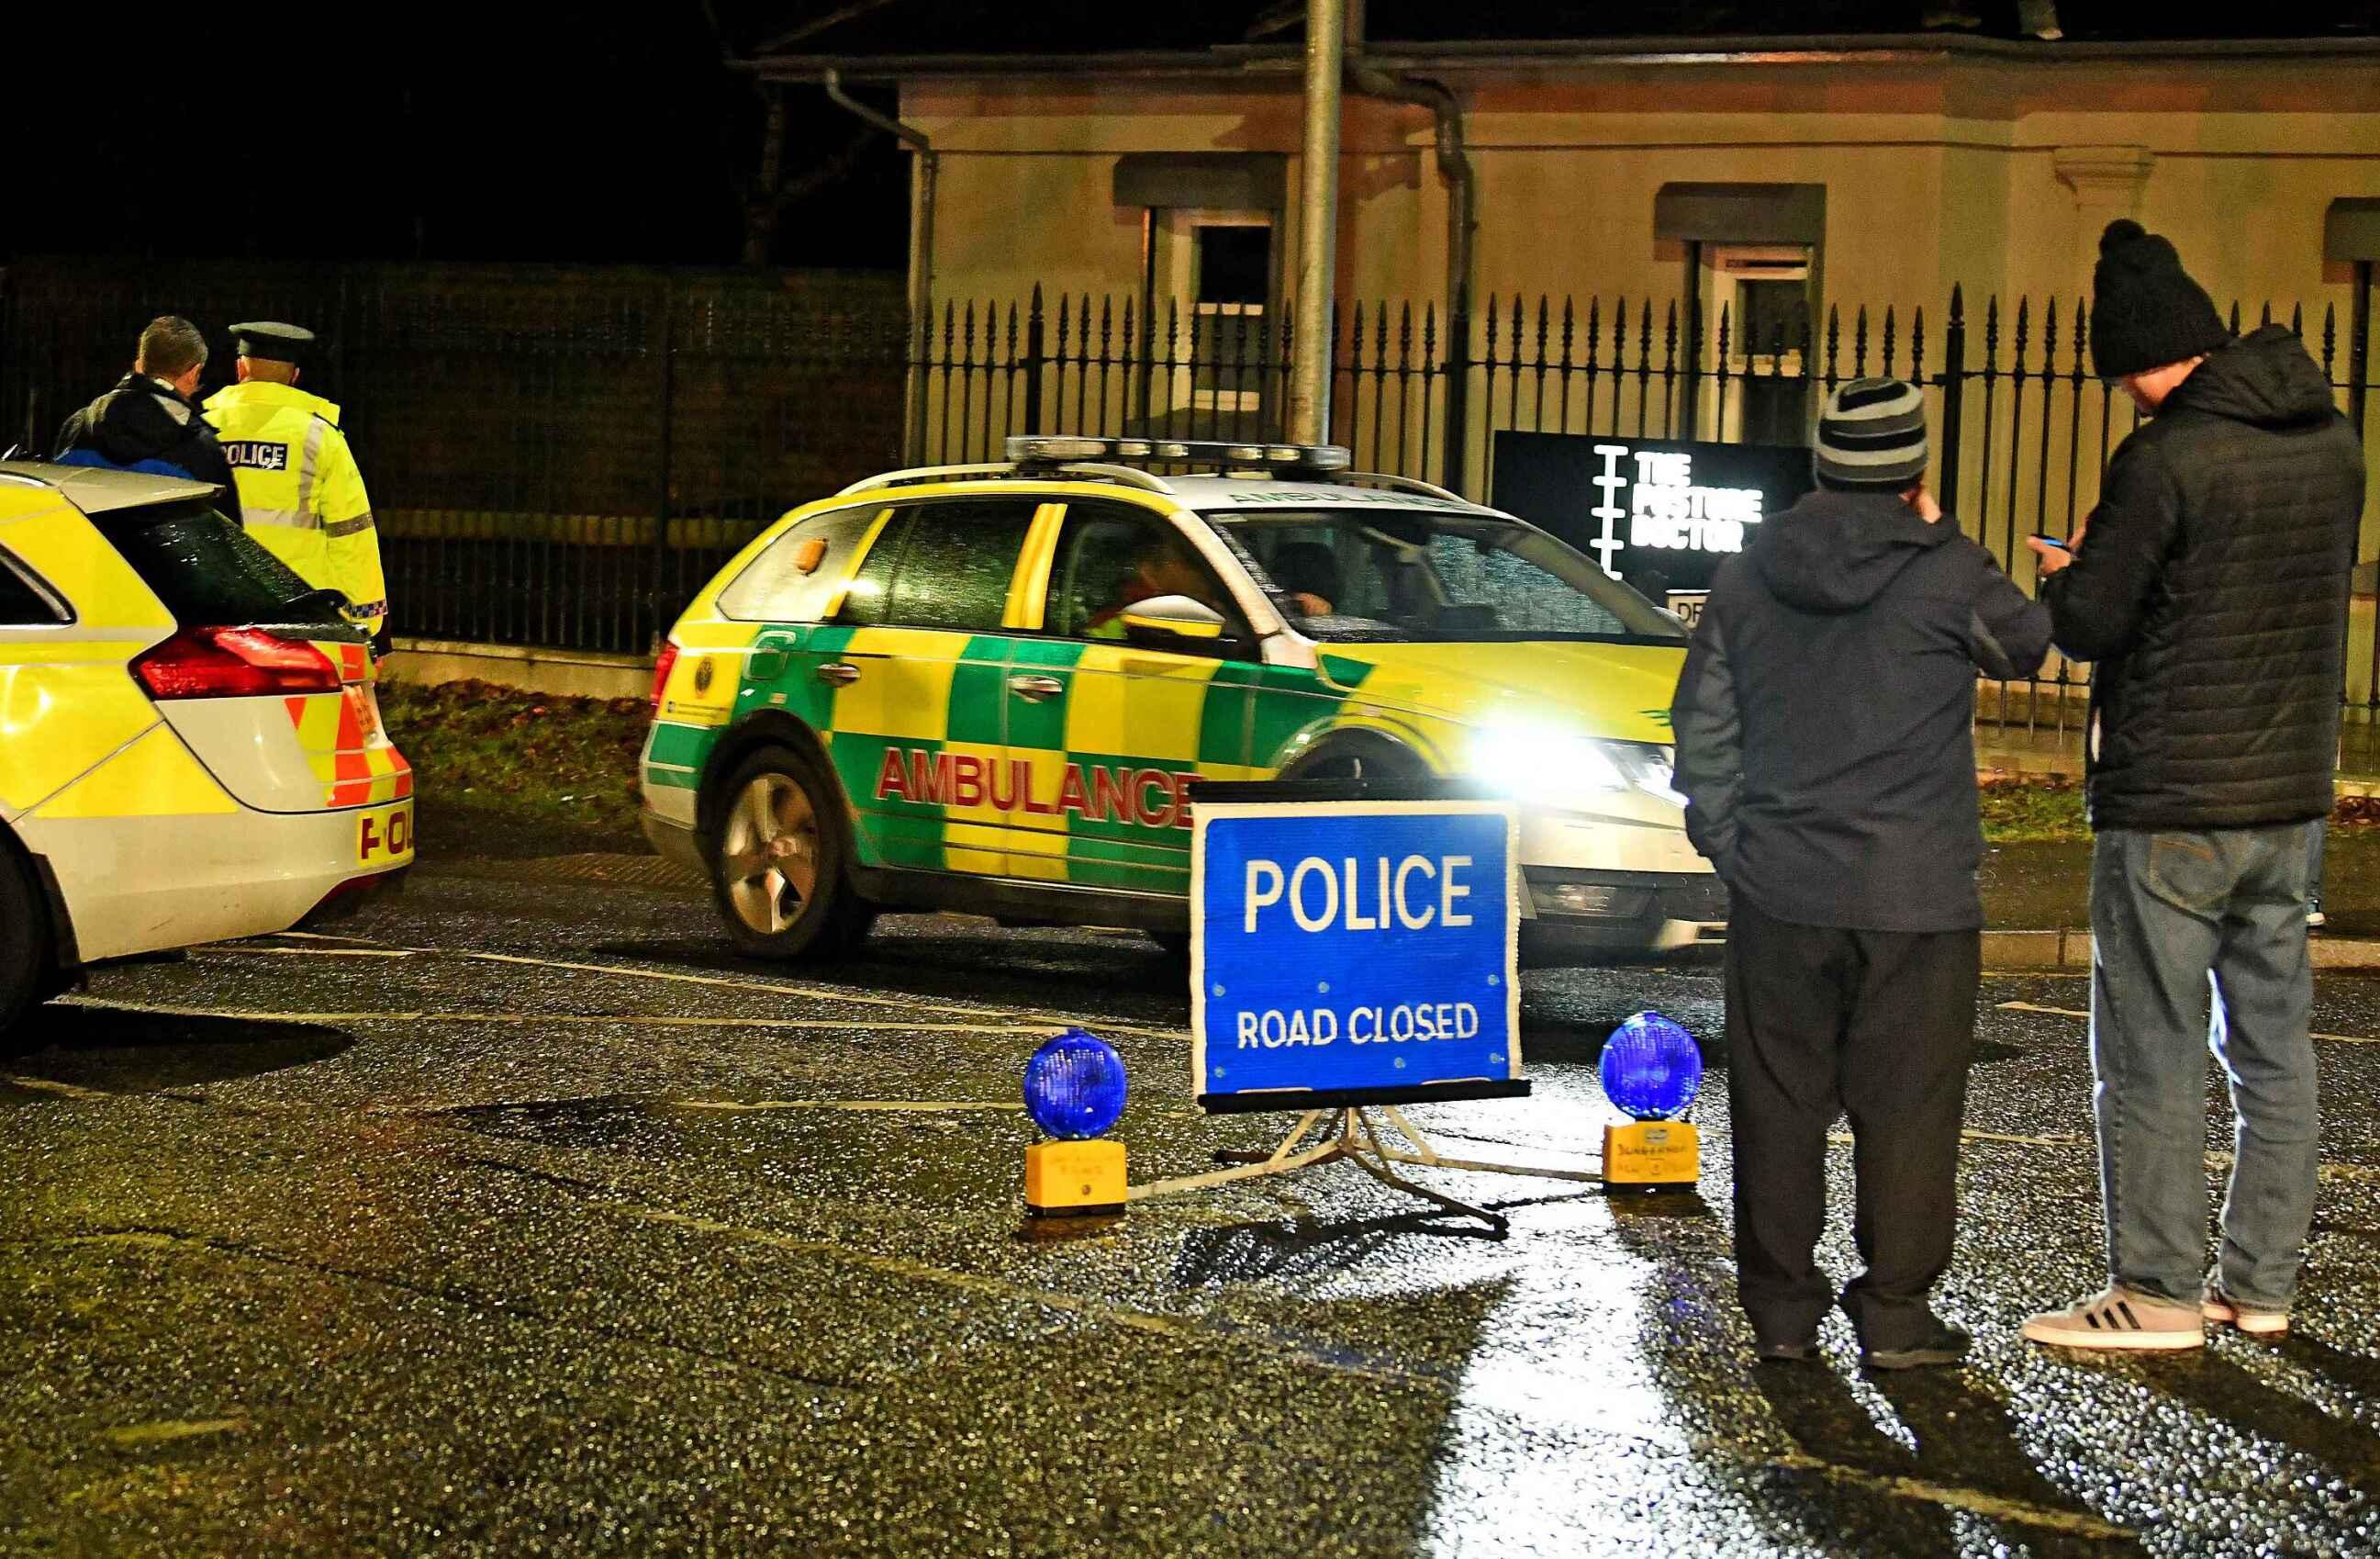 英国北爱尔兰圣帕特里克节发生踩踏事件 造成3死多伤